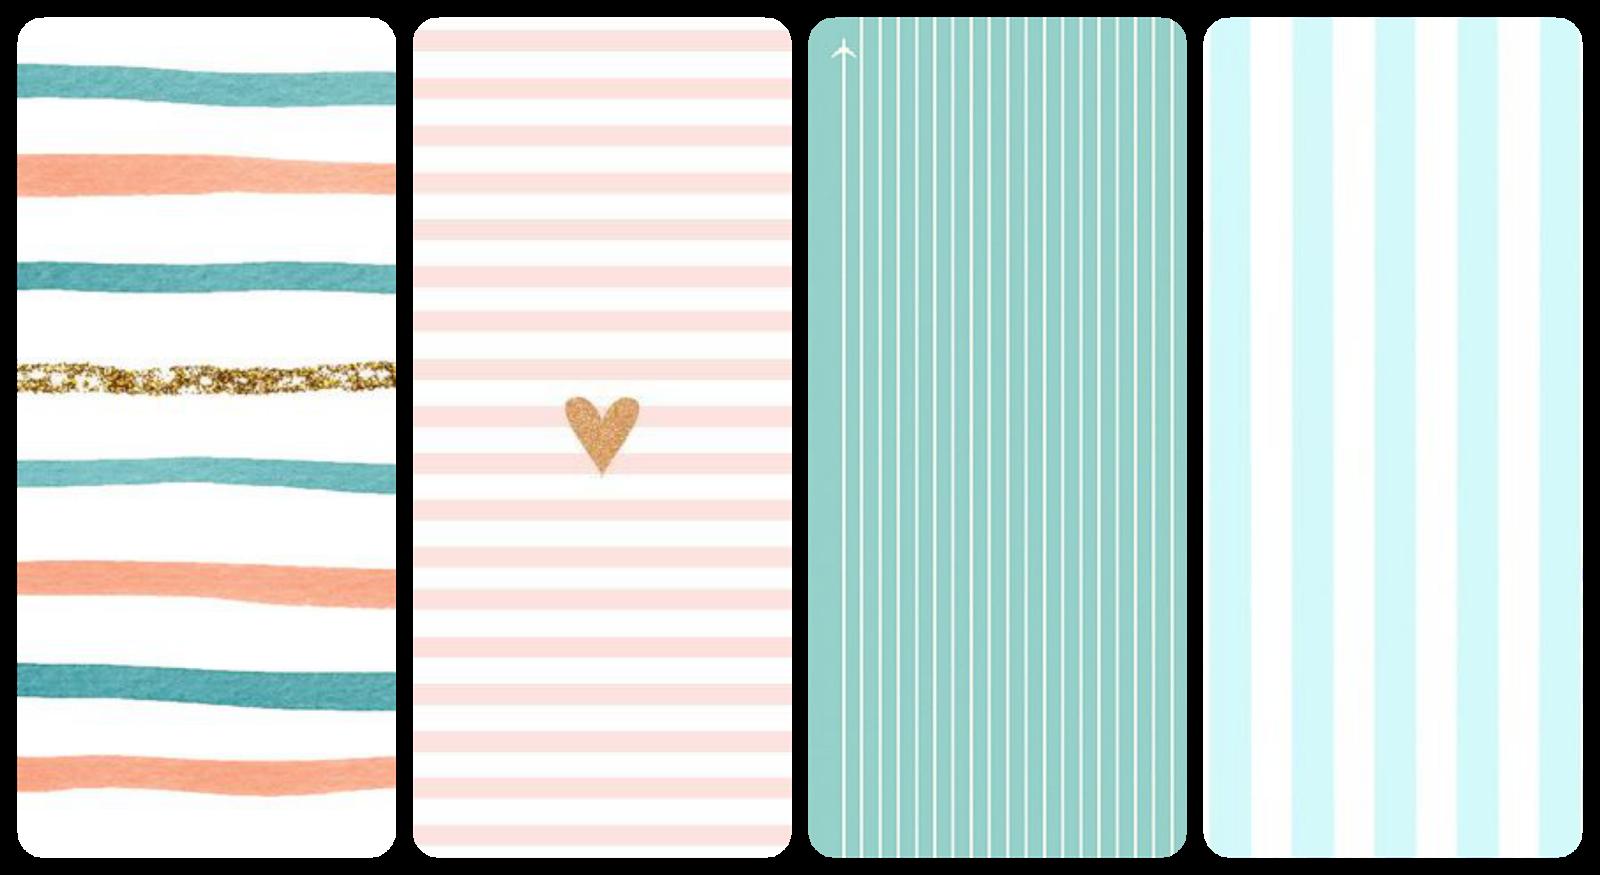 Cute Girly Laptop Wallpapers Fondos De Pantalla Chulos Para El M 243 Vil Con La Realidad